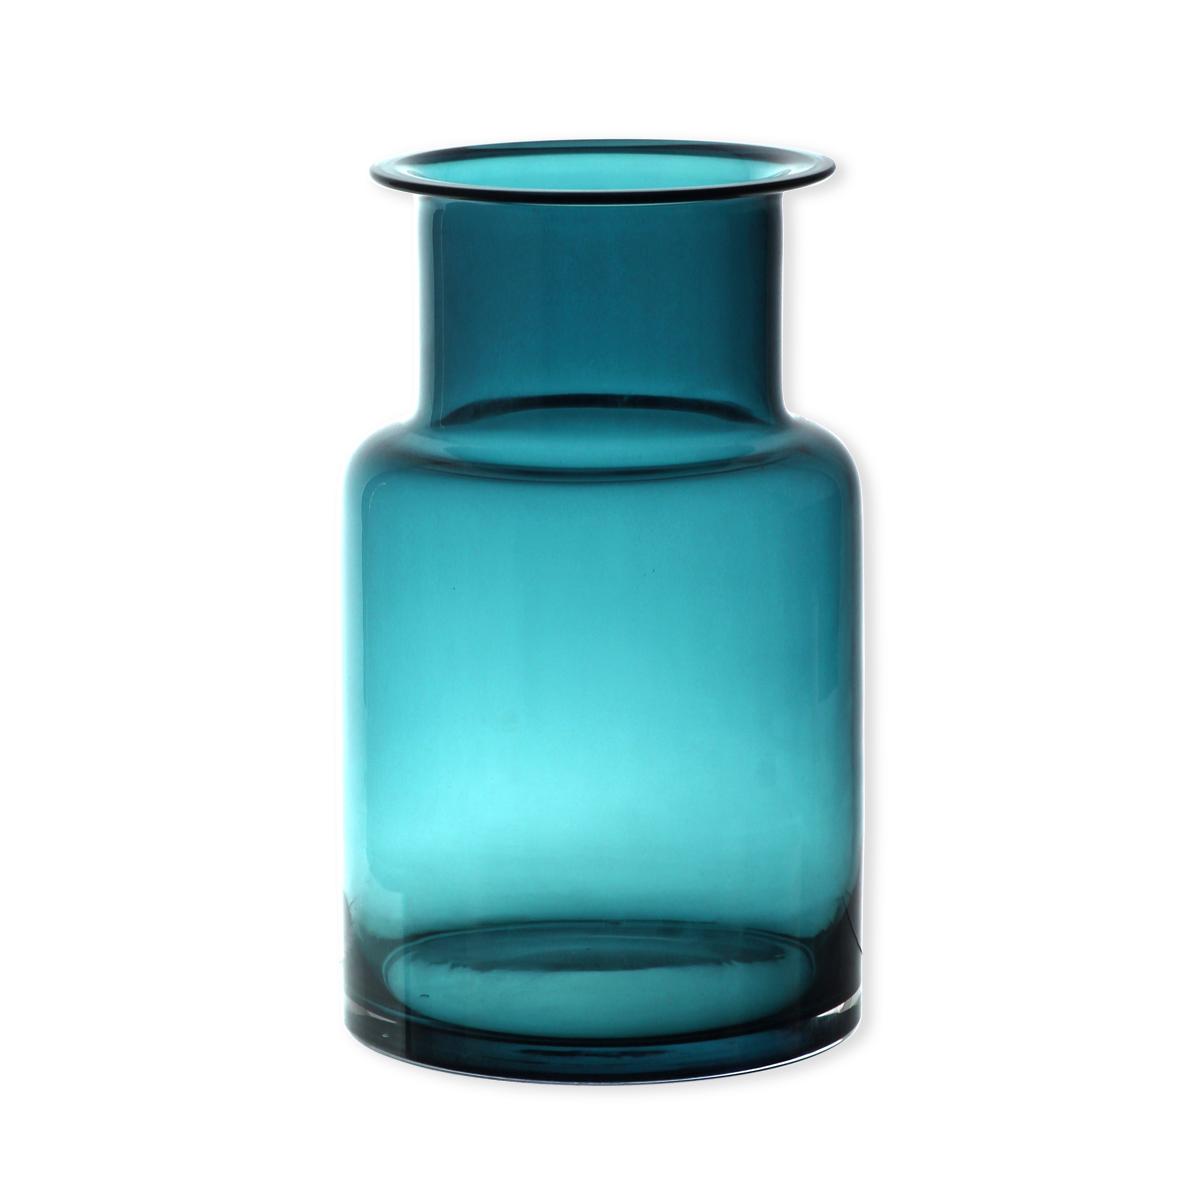 Vase design en verre souffl bouche 25cm objet d co for Objet deco couleur